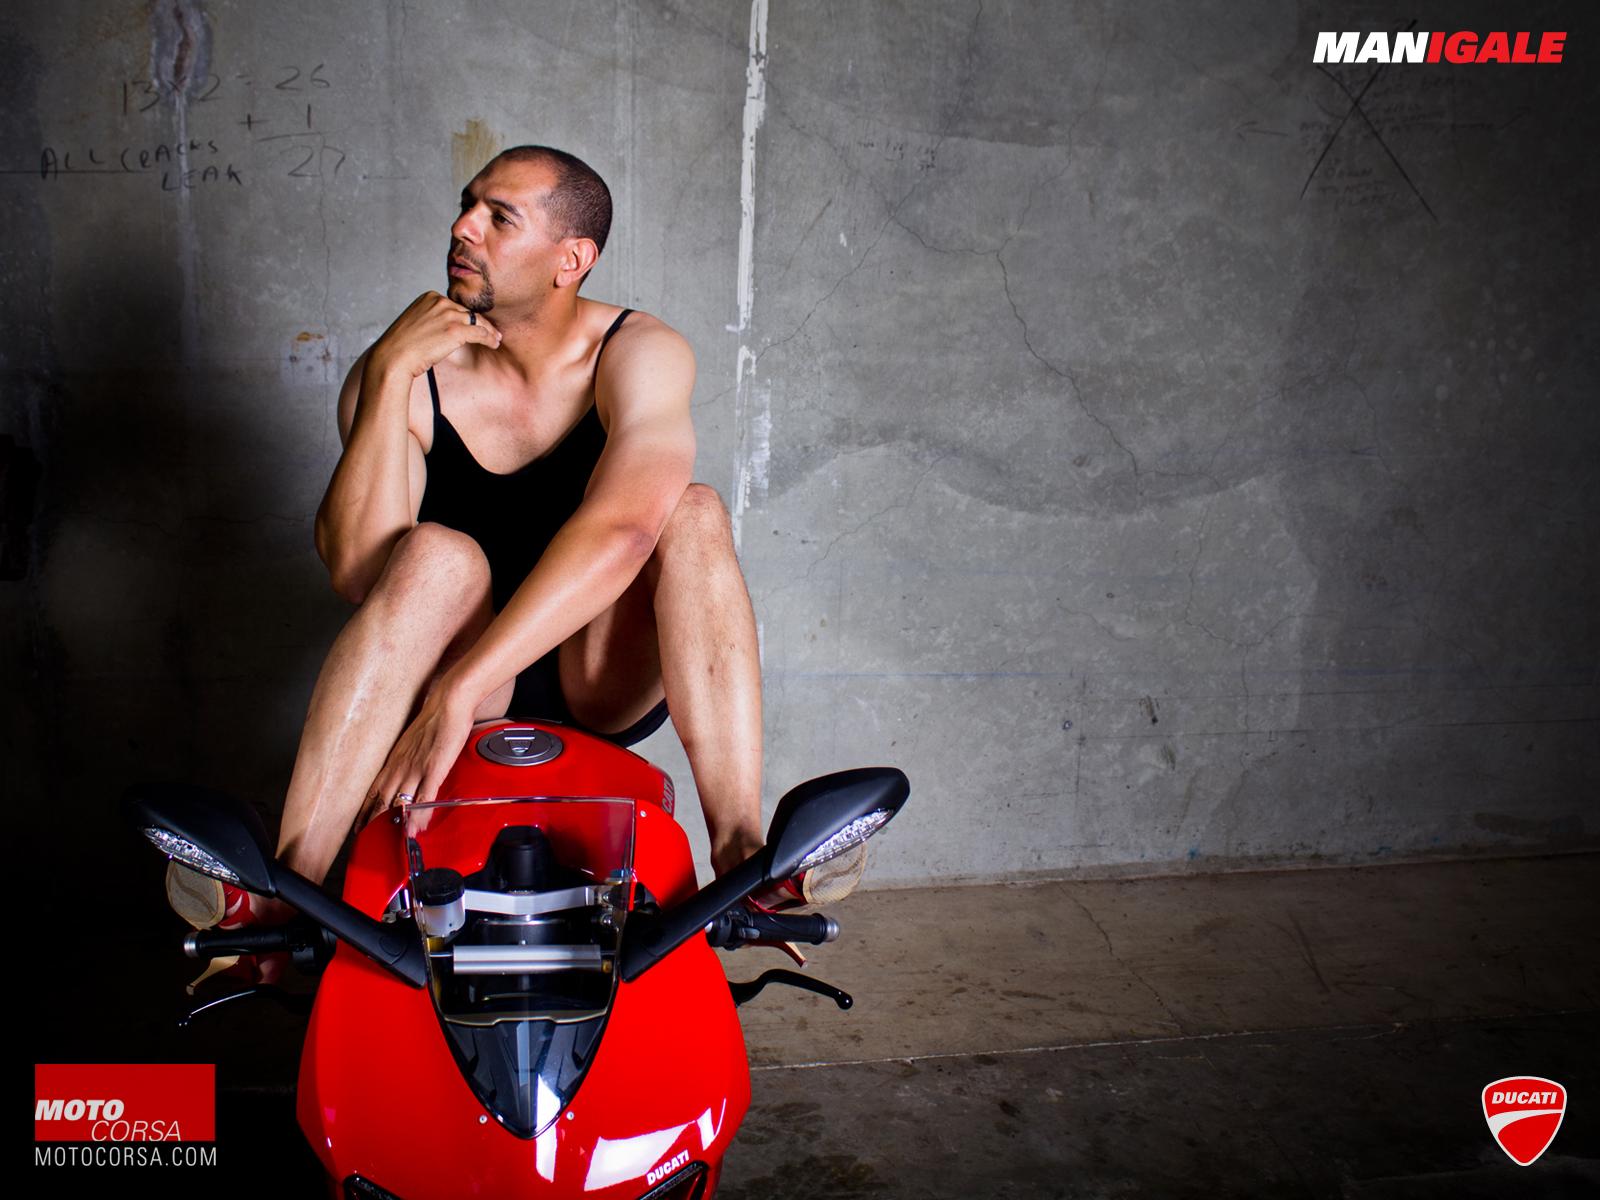 Motorcycle Girl 056 Seducative Redux Return Of The